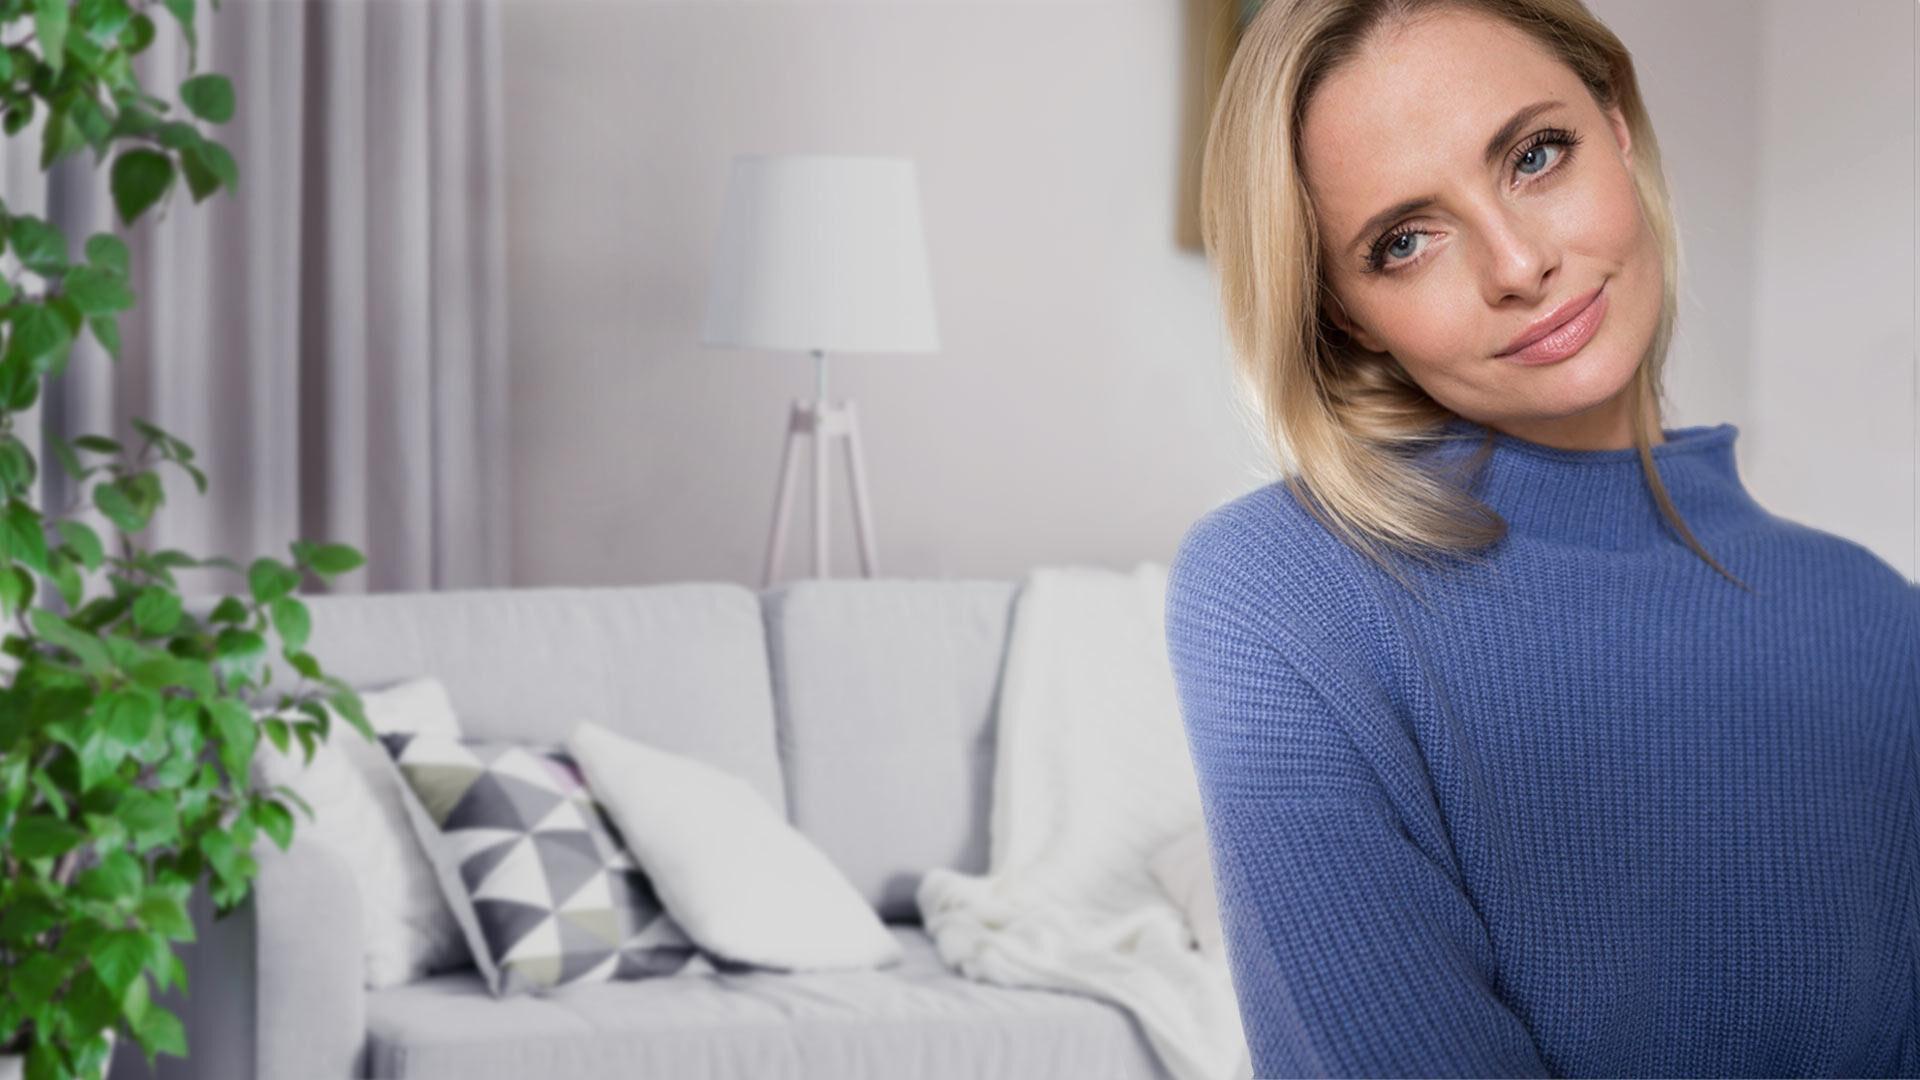 Sofia Ruutu kuunteli kirurgin valinnassa tuttaviensa laserleikkaus kokemuksia